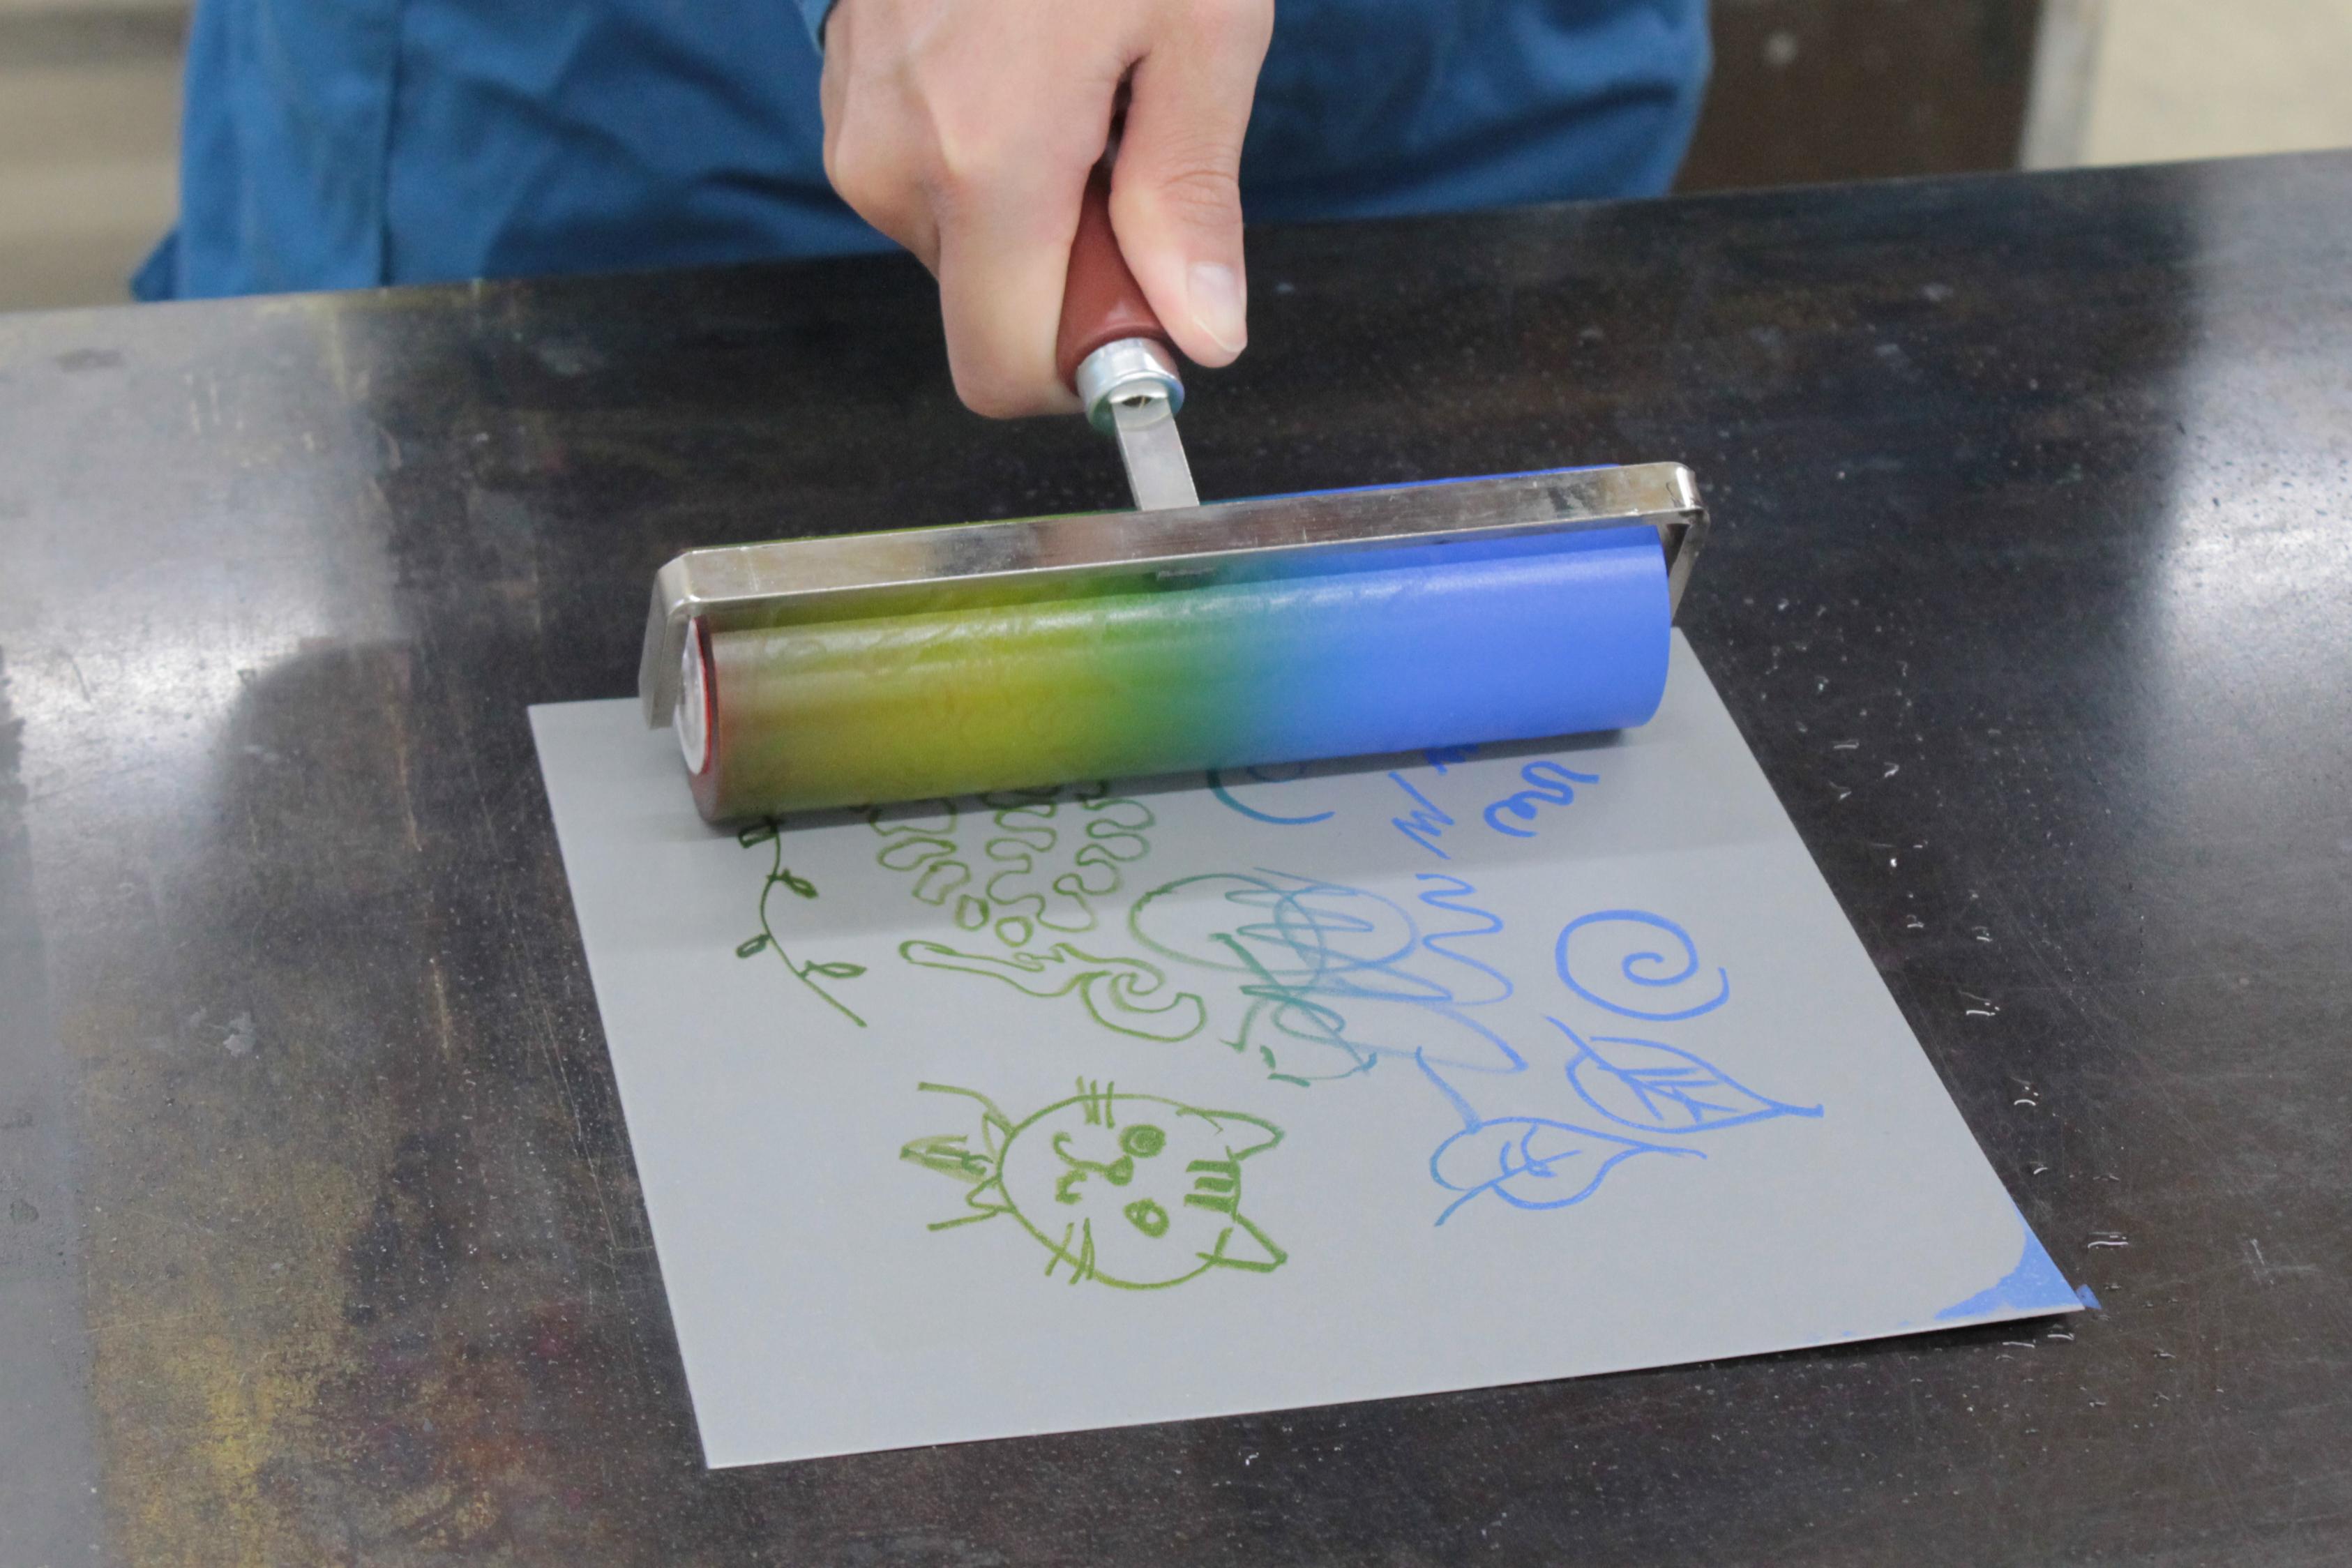 絵画と語らう関連ワークショップ「リトグラフってなに!?」参加者募集のお知らせ。